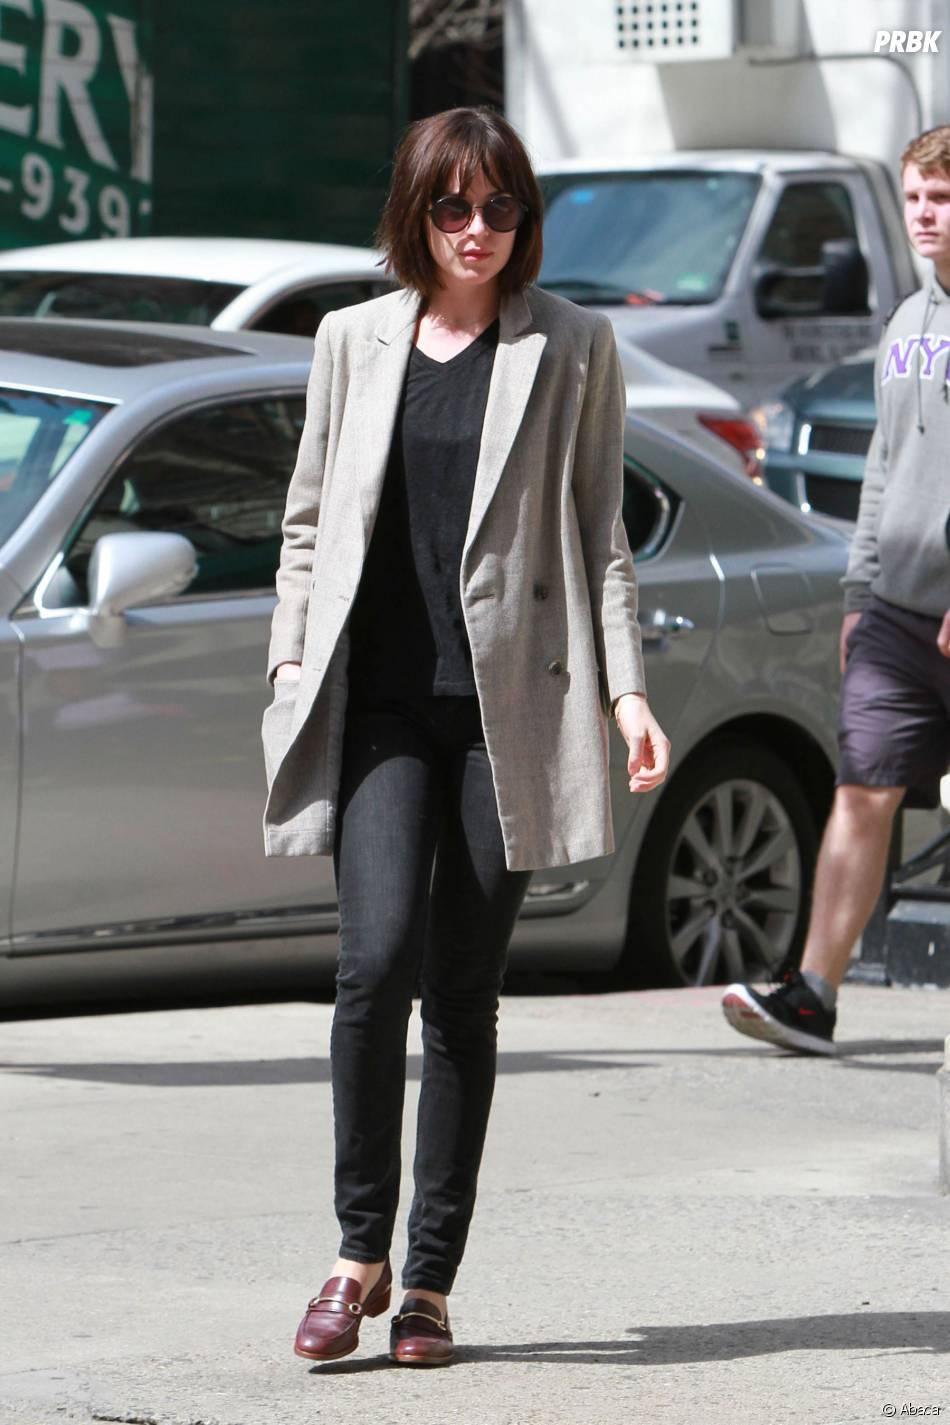 Dakota Johnson aperçue avec une nouvelle coupe de cheveux, à New York, le 15 avril 2015